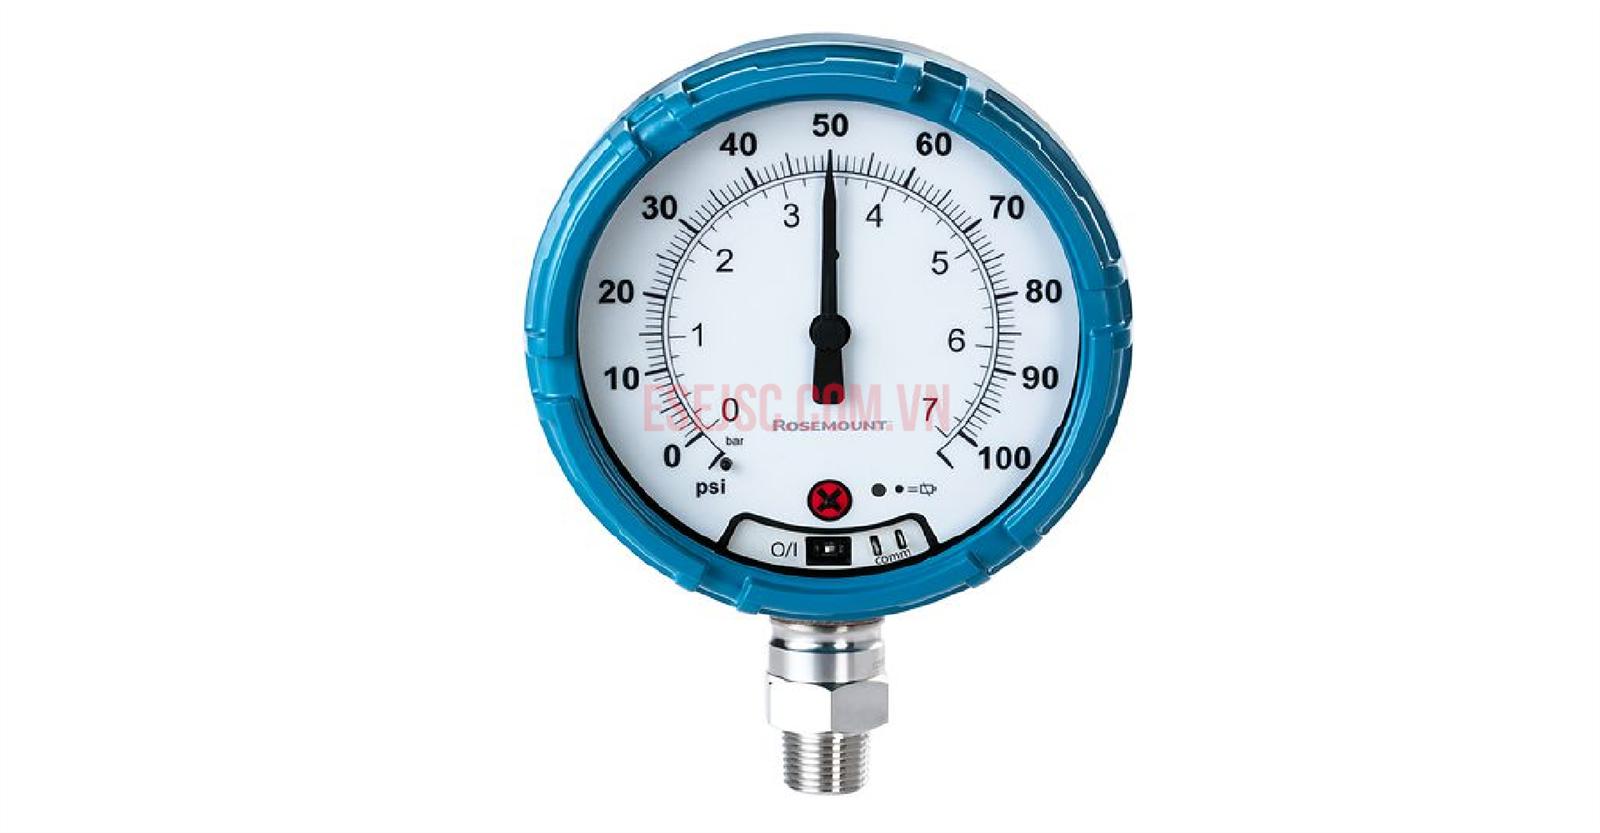 Đồng hồ đo áp suất không dây Rosemount ™